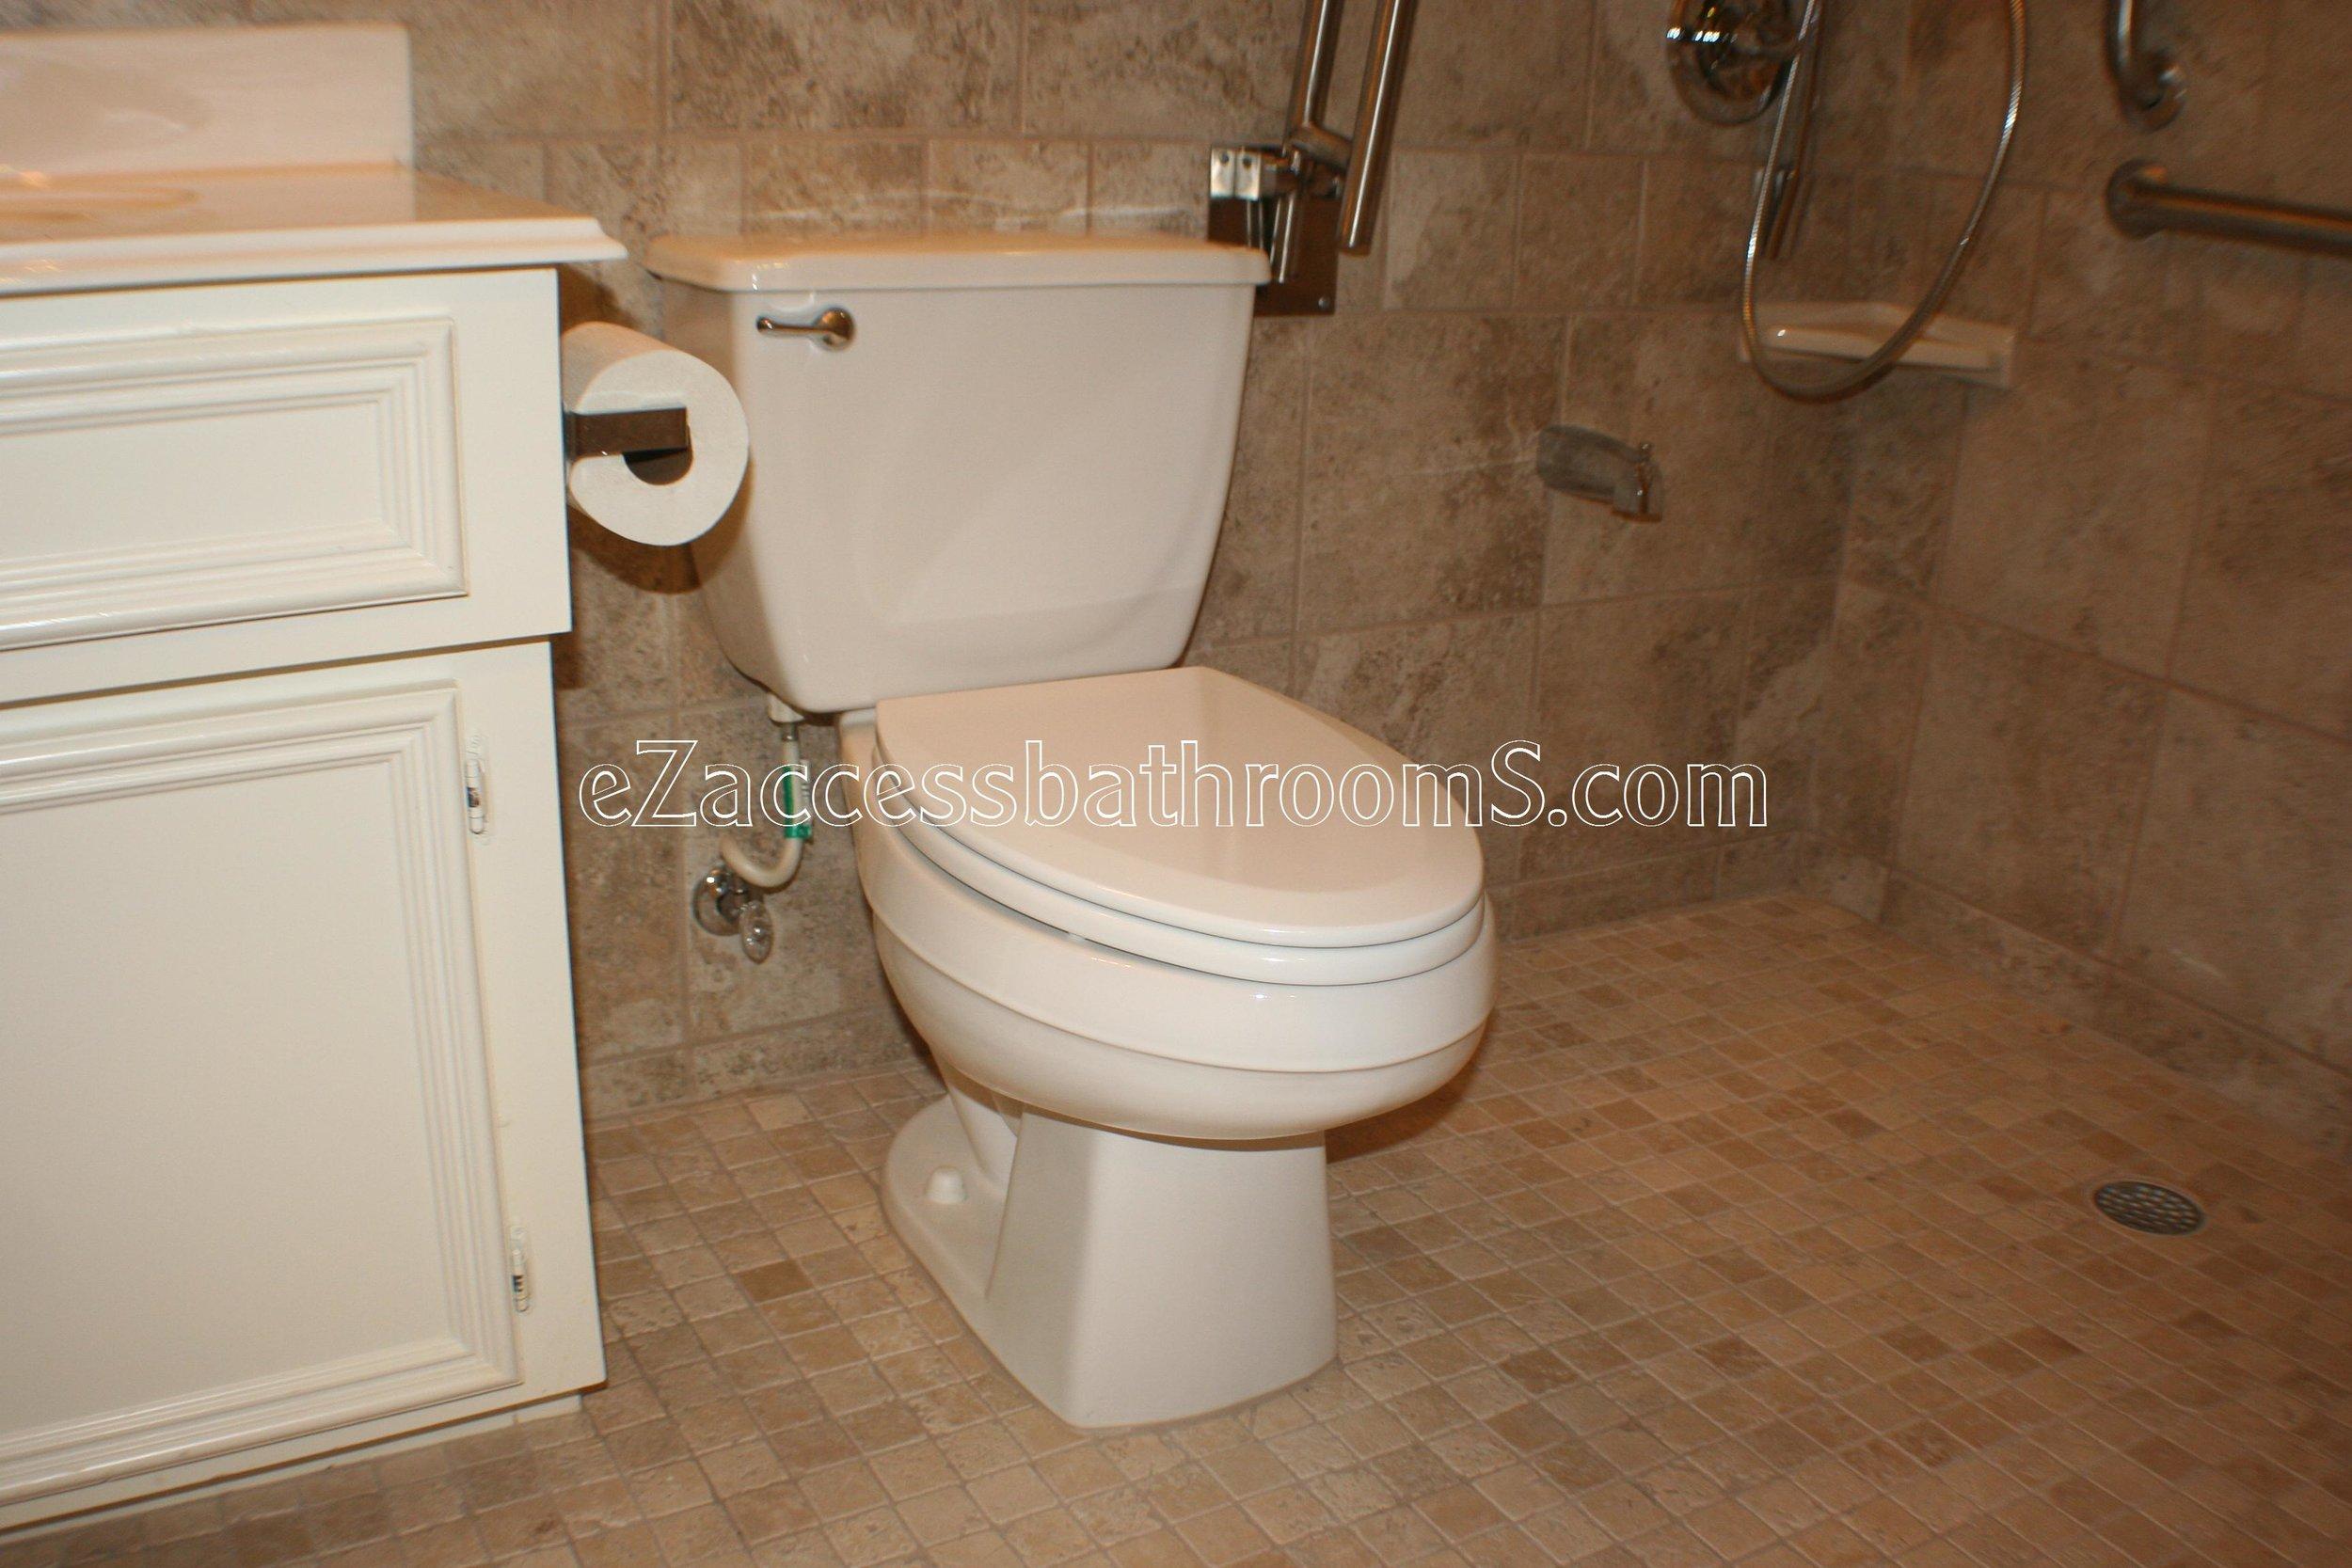 handicap bathroom 01 ezacessbathrooms.com 021.jpg